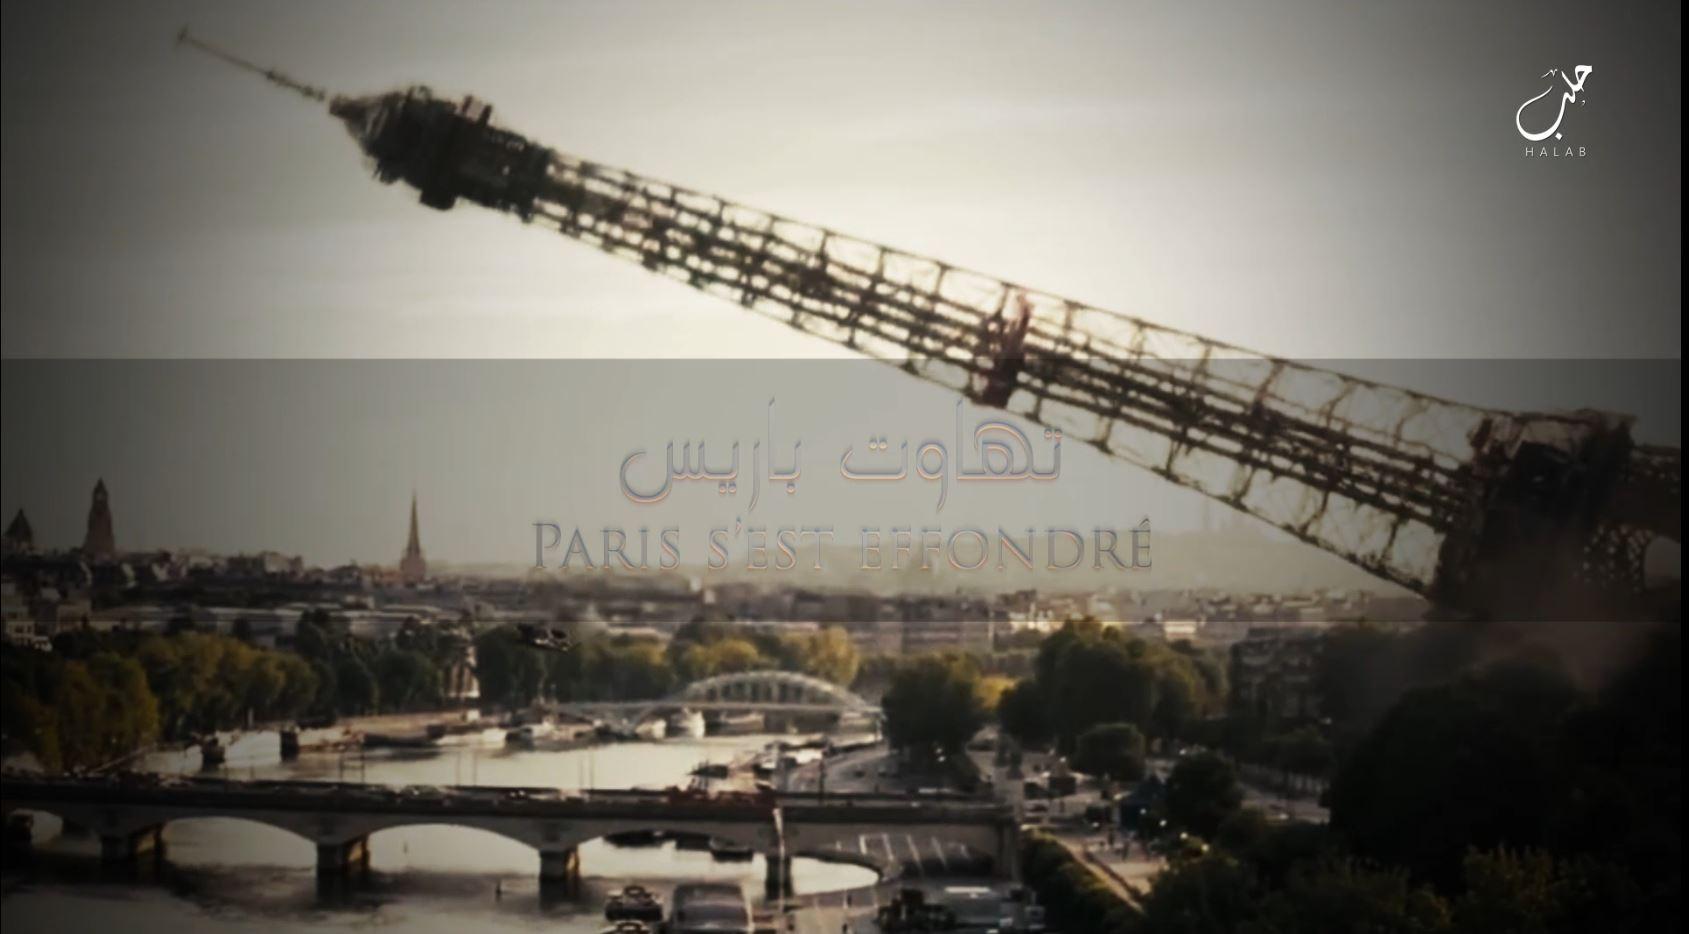 """La confessione della jihadista: """"Volevo far saltare la Tour Eiffel"""""""